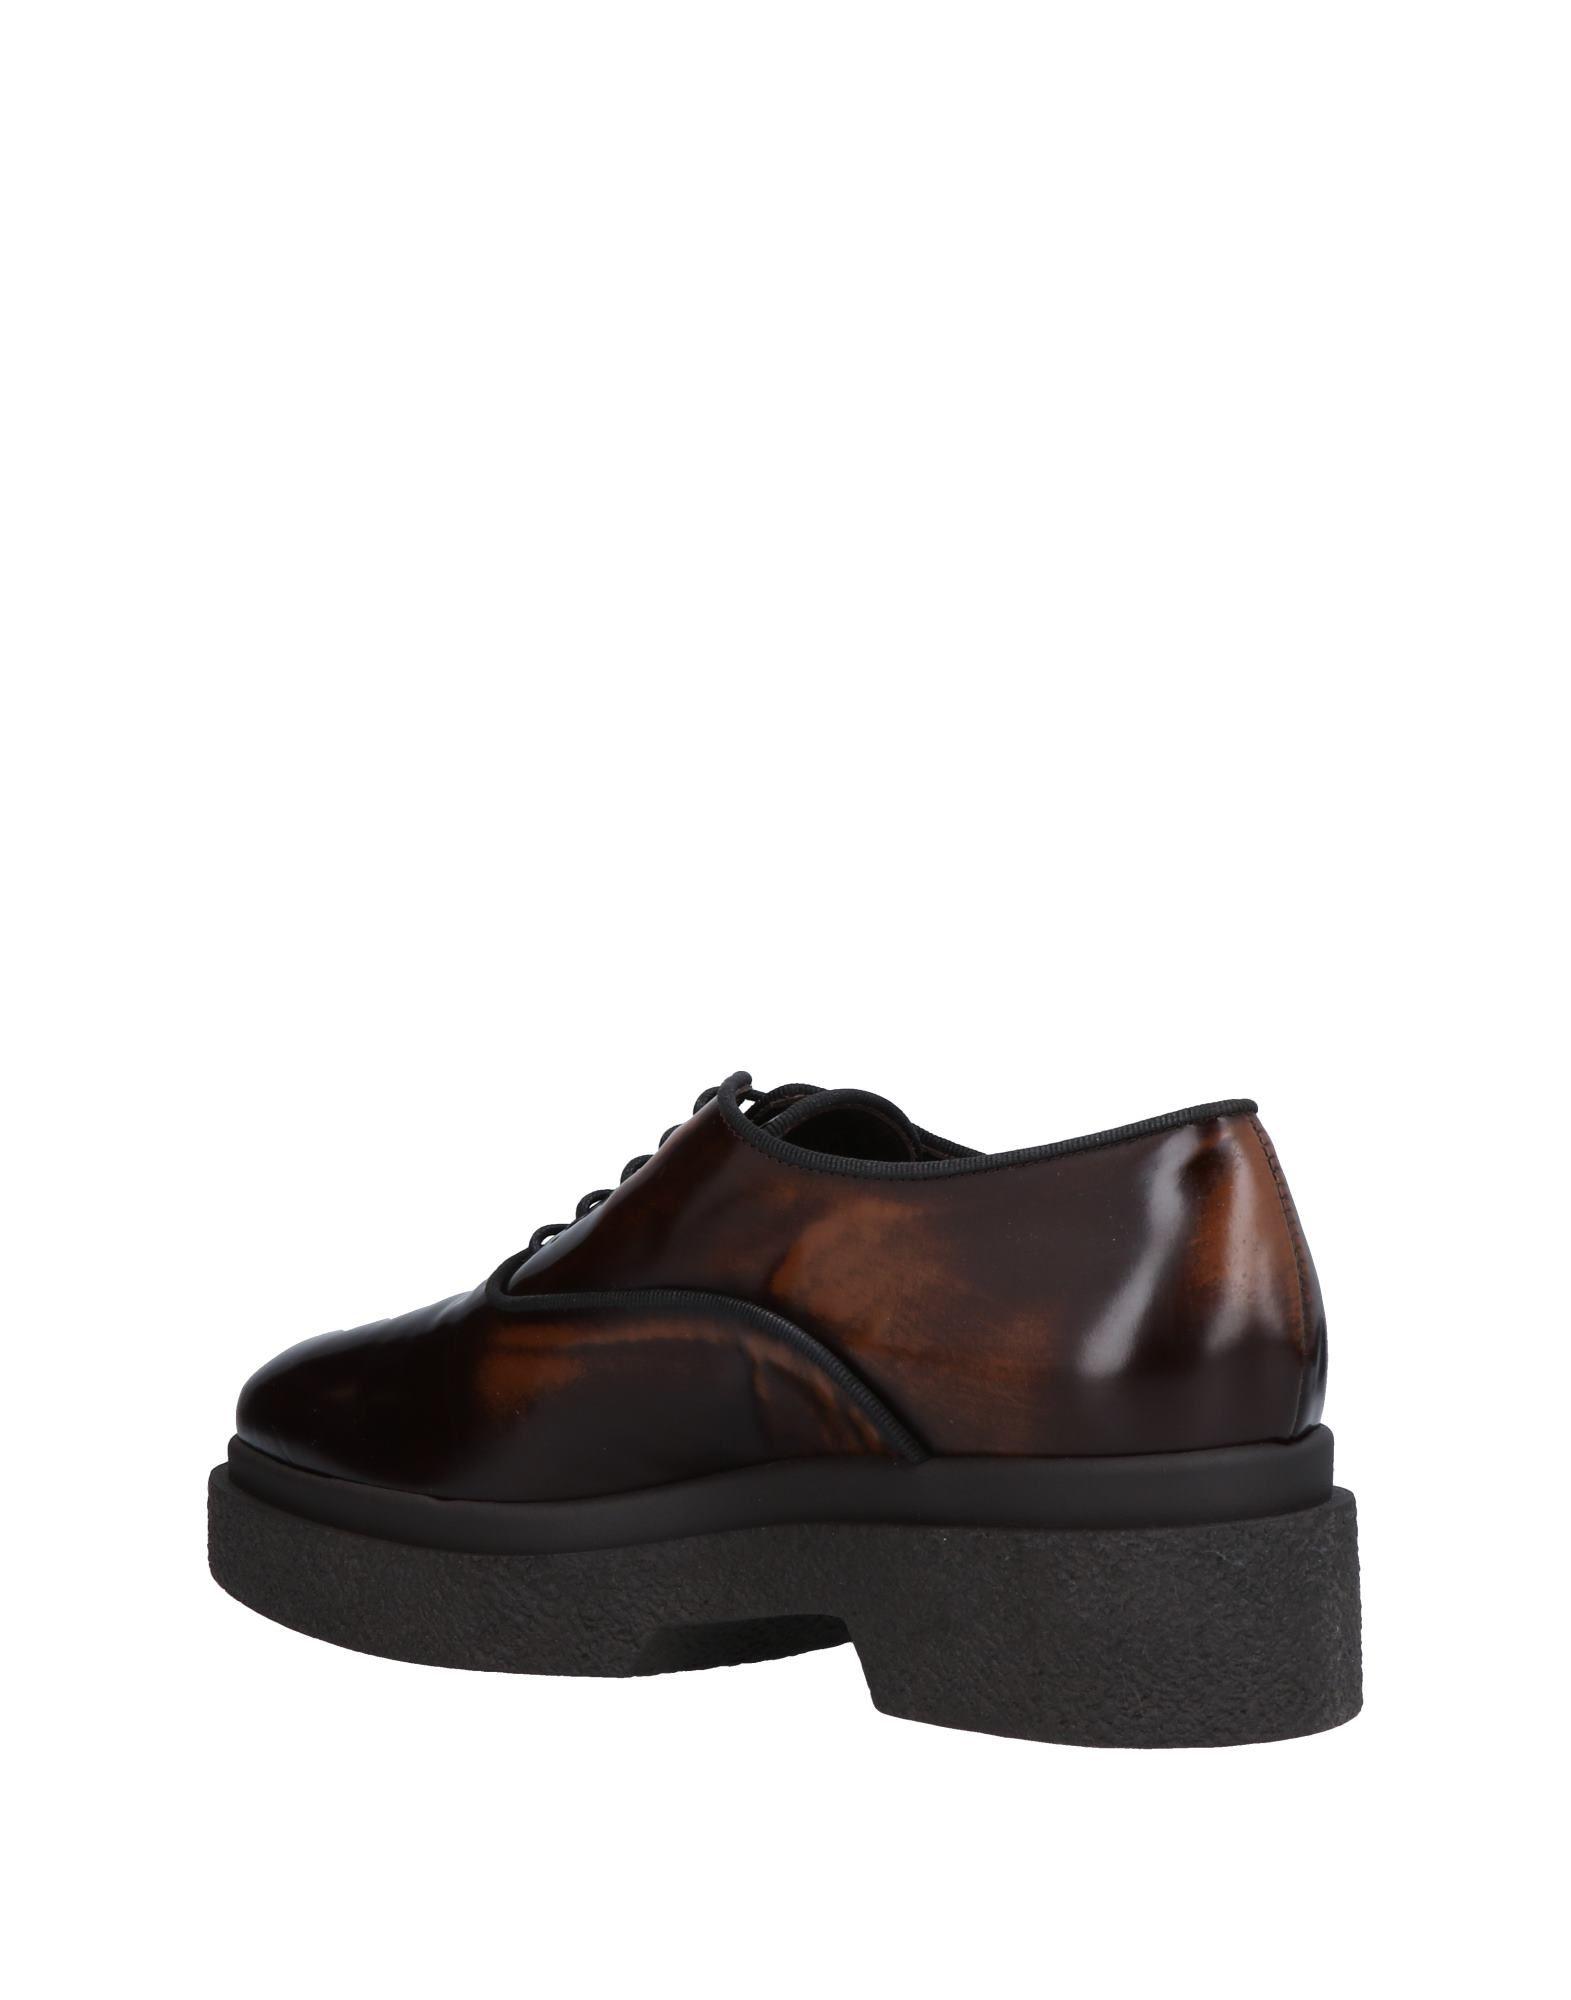 Jeannot Gute Schnürschuhe Damen  11504894AC Gute Jeannot Qualität beliebte Schuhe f7cecf